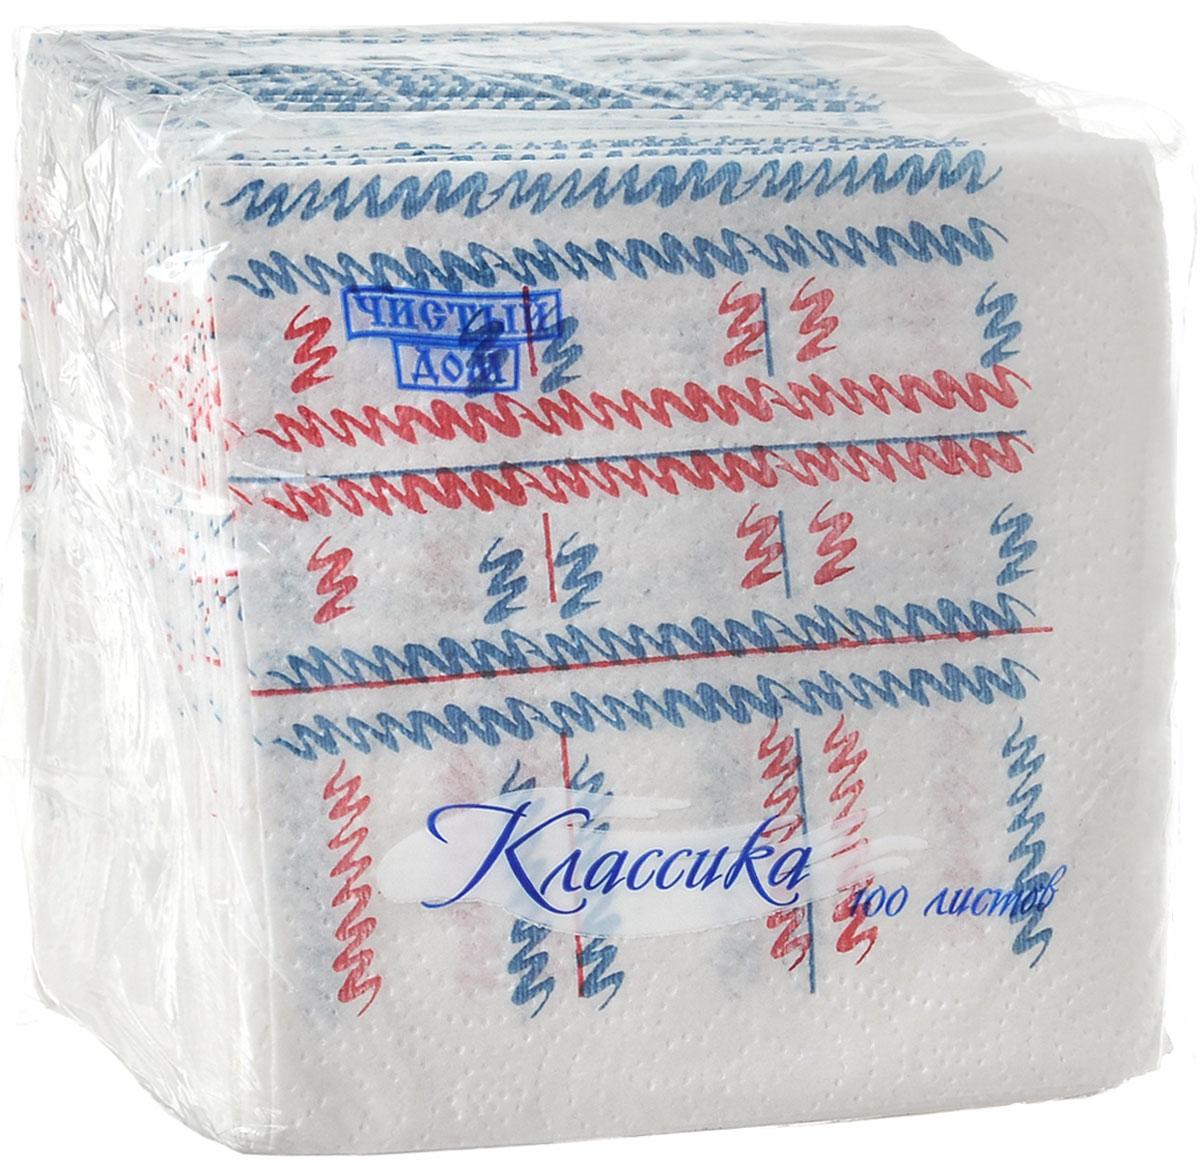 Салфетки бумажные Чистый дом Классика, однослойные, цвет: белый, синий, красный, 25 х 25 см, 100 шт4606920000043_синий, красныйОднослойные салфетки Чистый дом Классика выполнены из 100% целлюлозы. Салфетки подходят для косметического, санитарно-гигиенического и хозяйственного назначения. Нежные и мягкие. Салфетки украшены узором. Размер салфеток: 25 х 25 см.